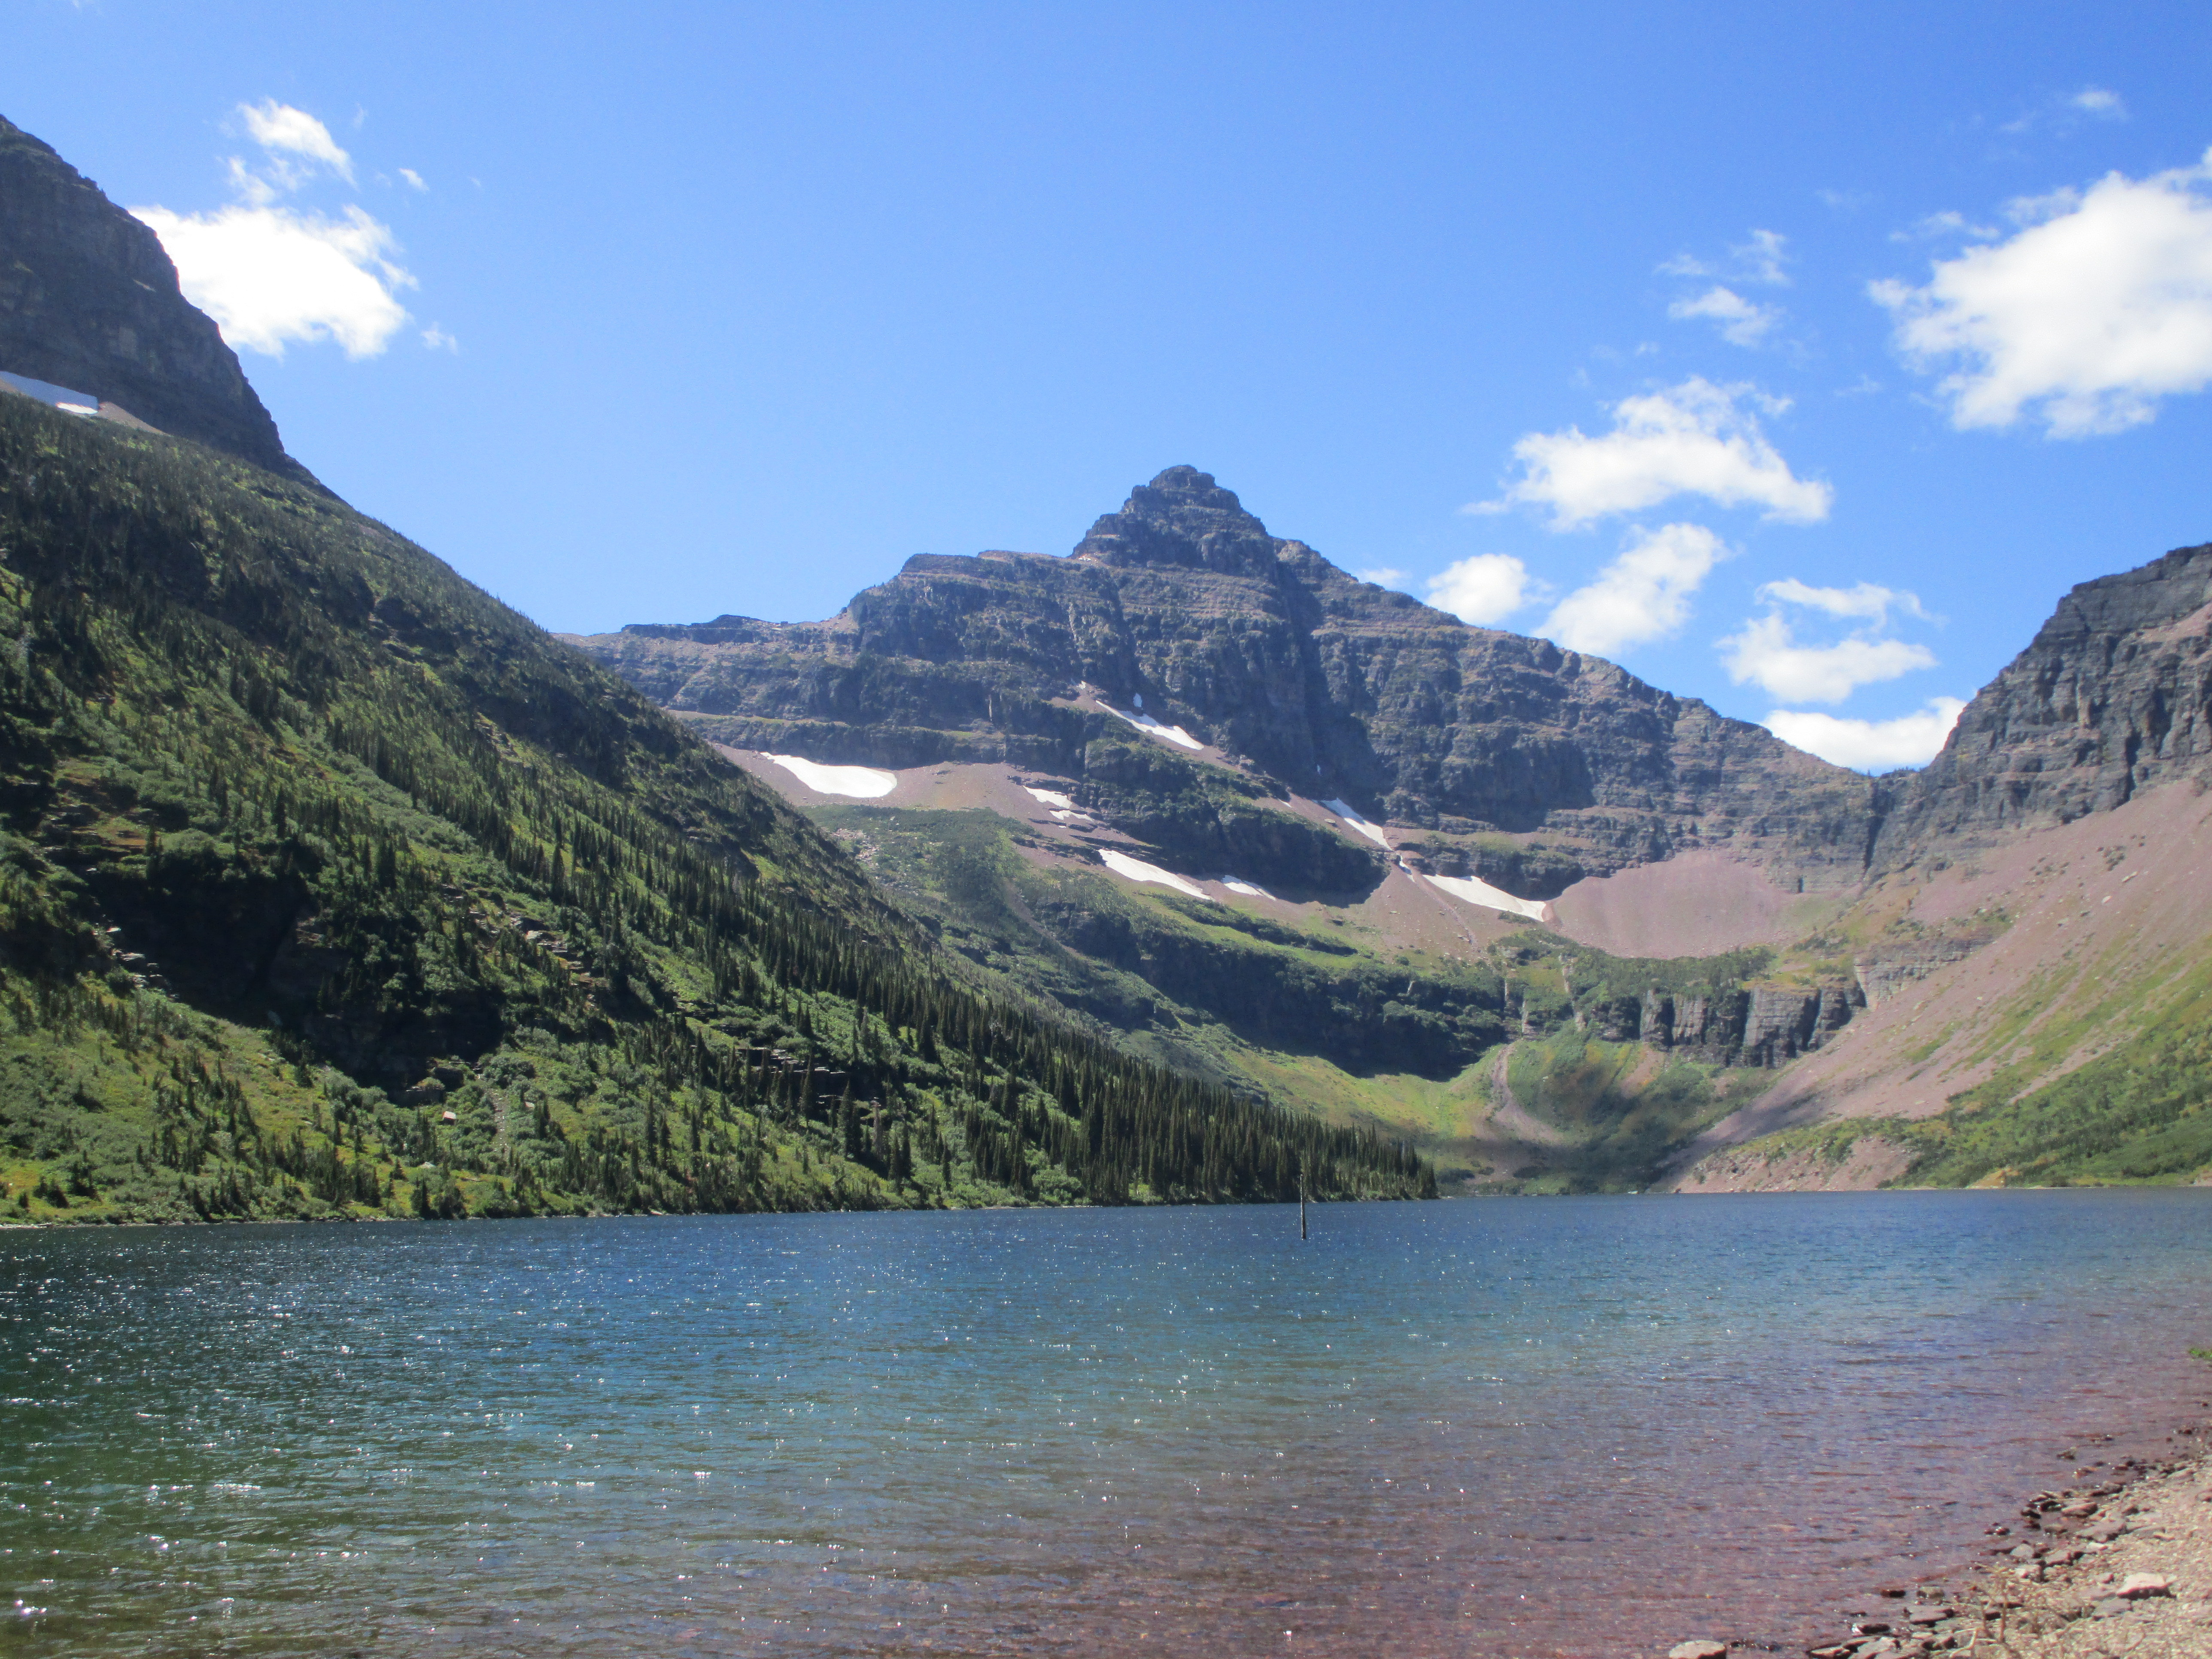 Upper Two Medicine Lake, Glacier National Park